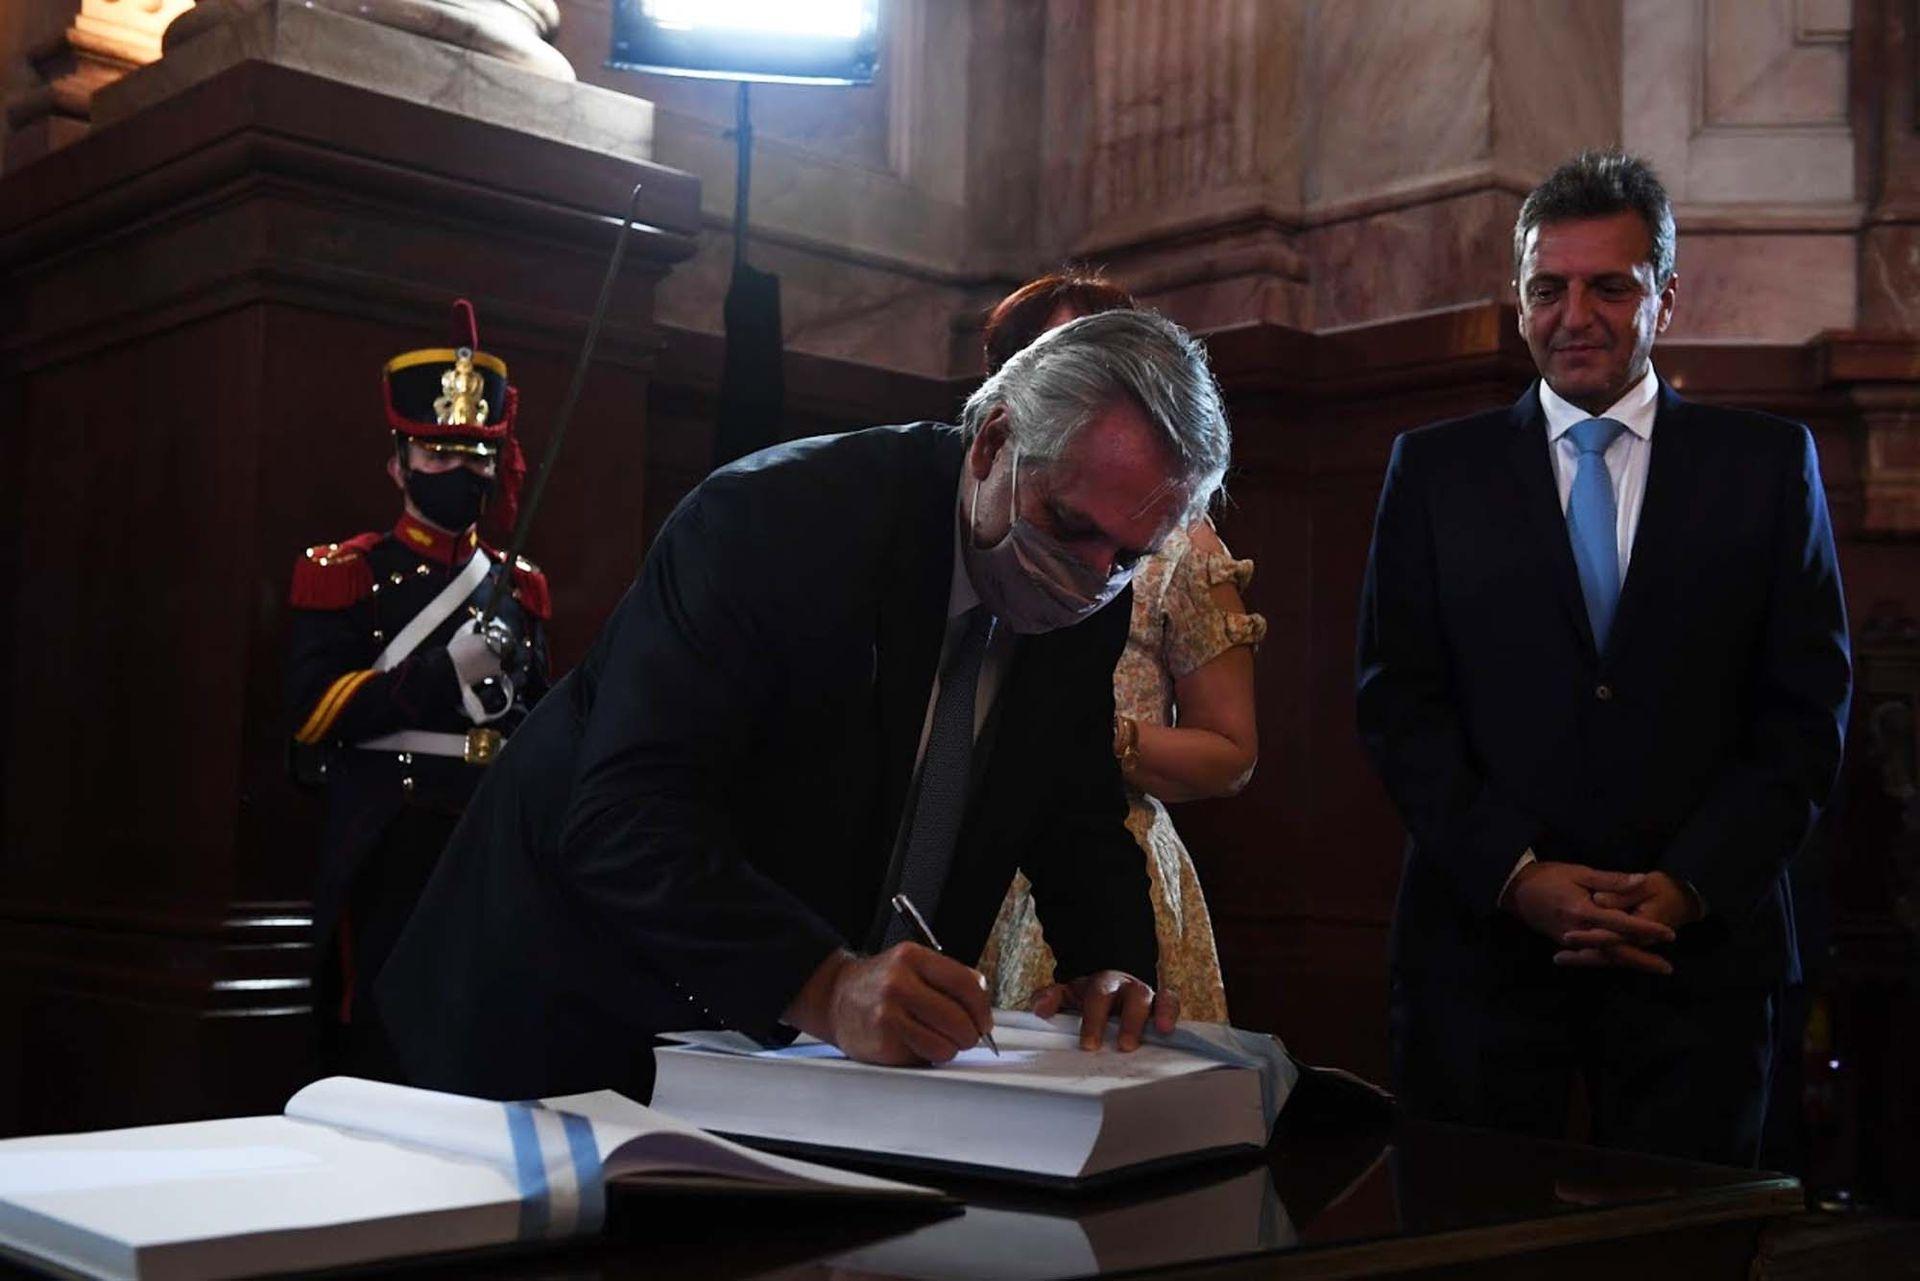 El Presidente Alberto Fernández abre el año legislativo